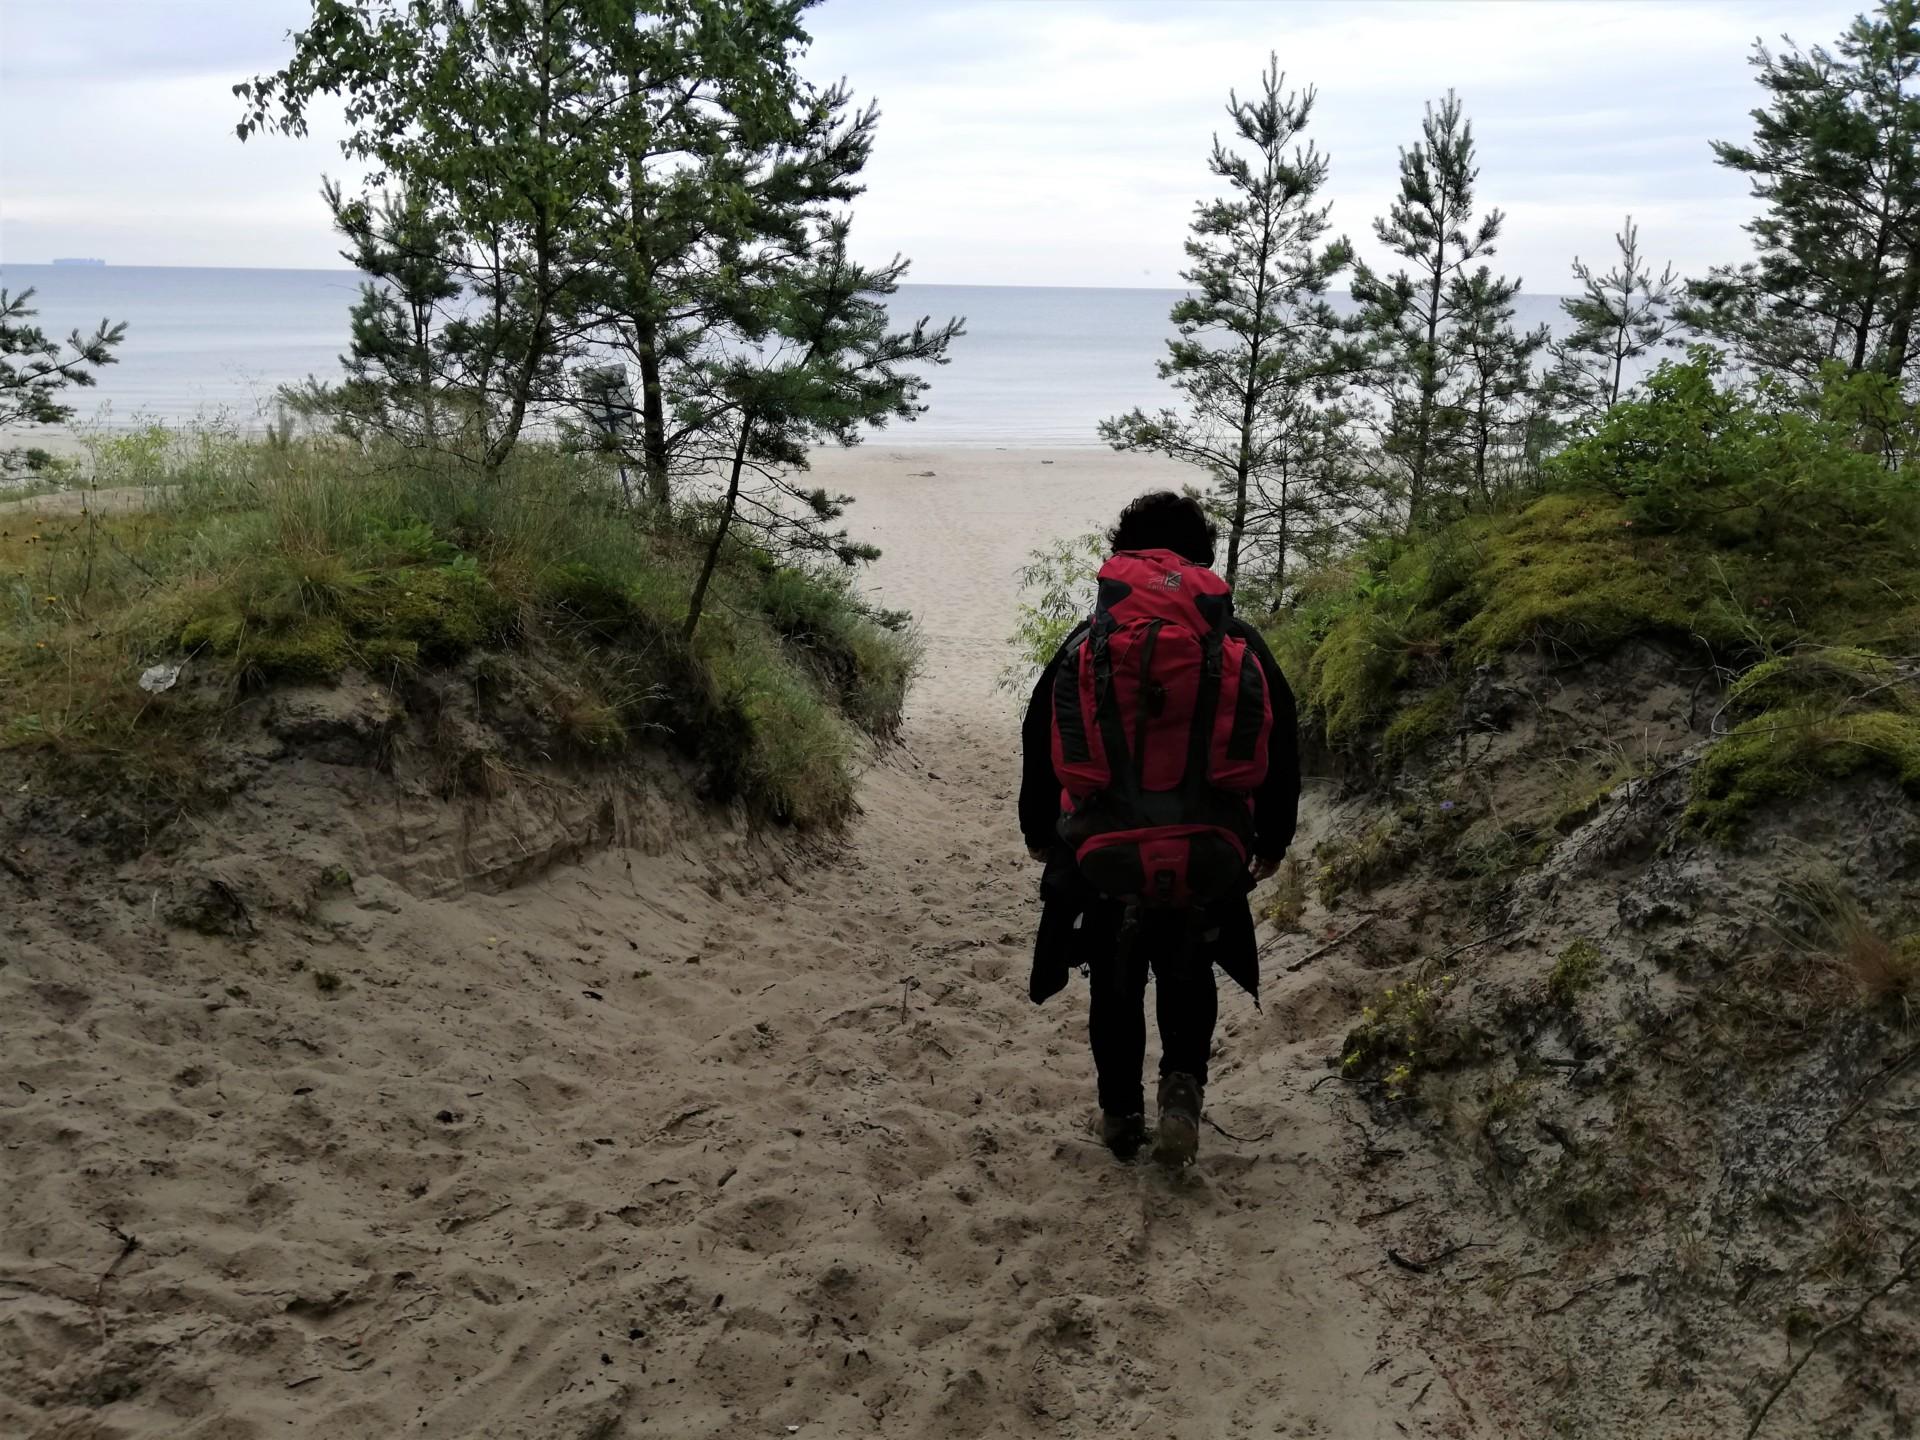 Mikrowyprawa: buschcraft i plażing czyli sztuka kompromisu 4